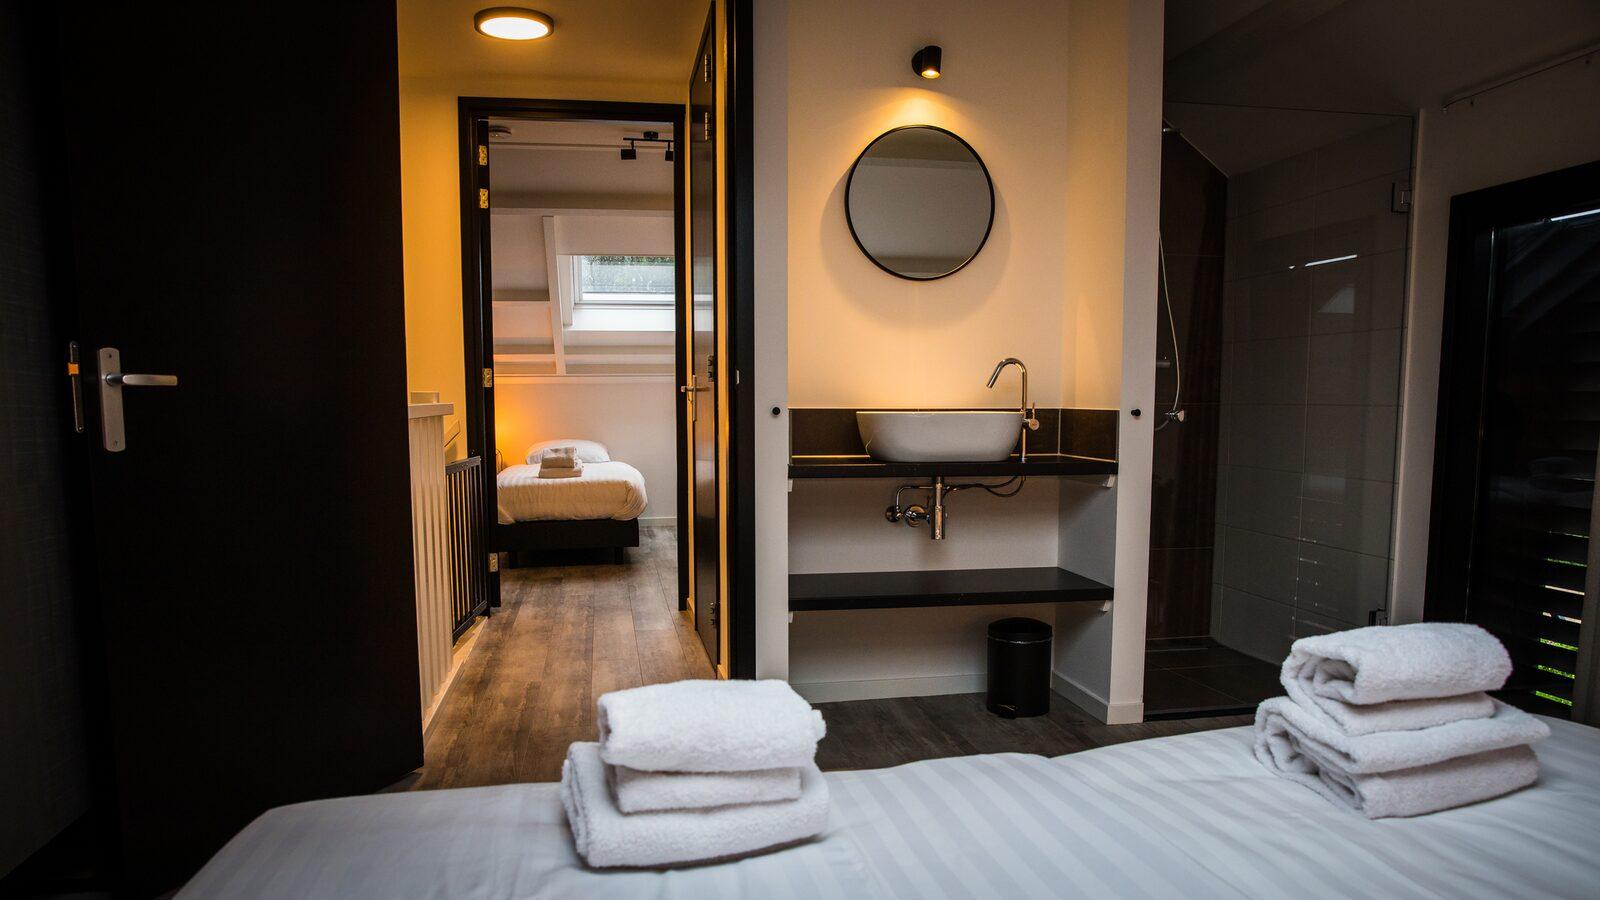 Vakantiehuis 4 personen - Kon. Emmaweg 26 | Vrouwenpolder 'Uitspanning Oranjezon'